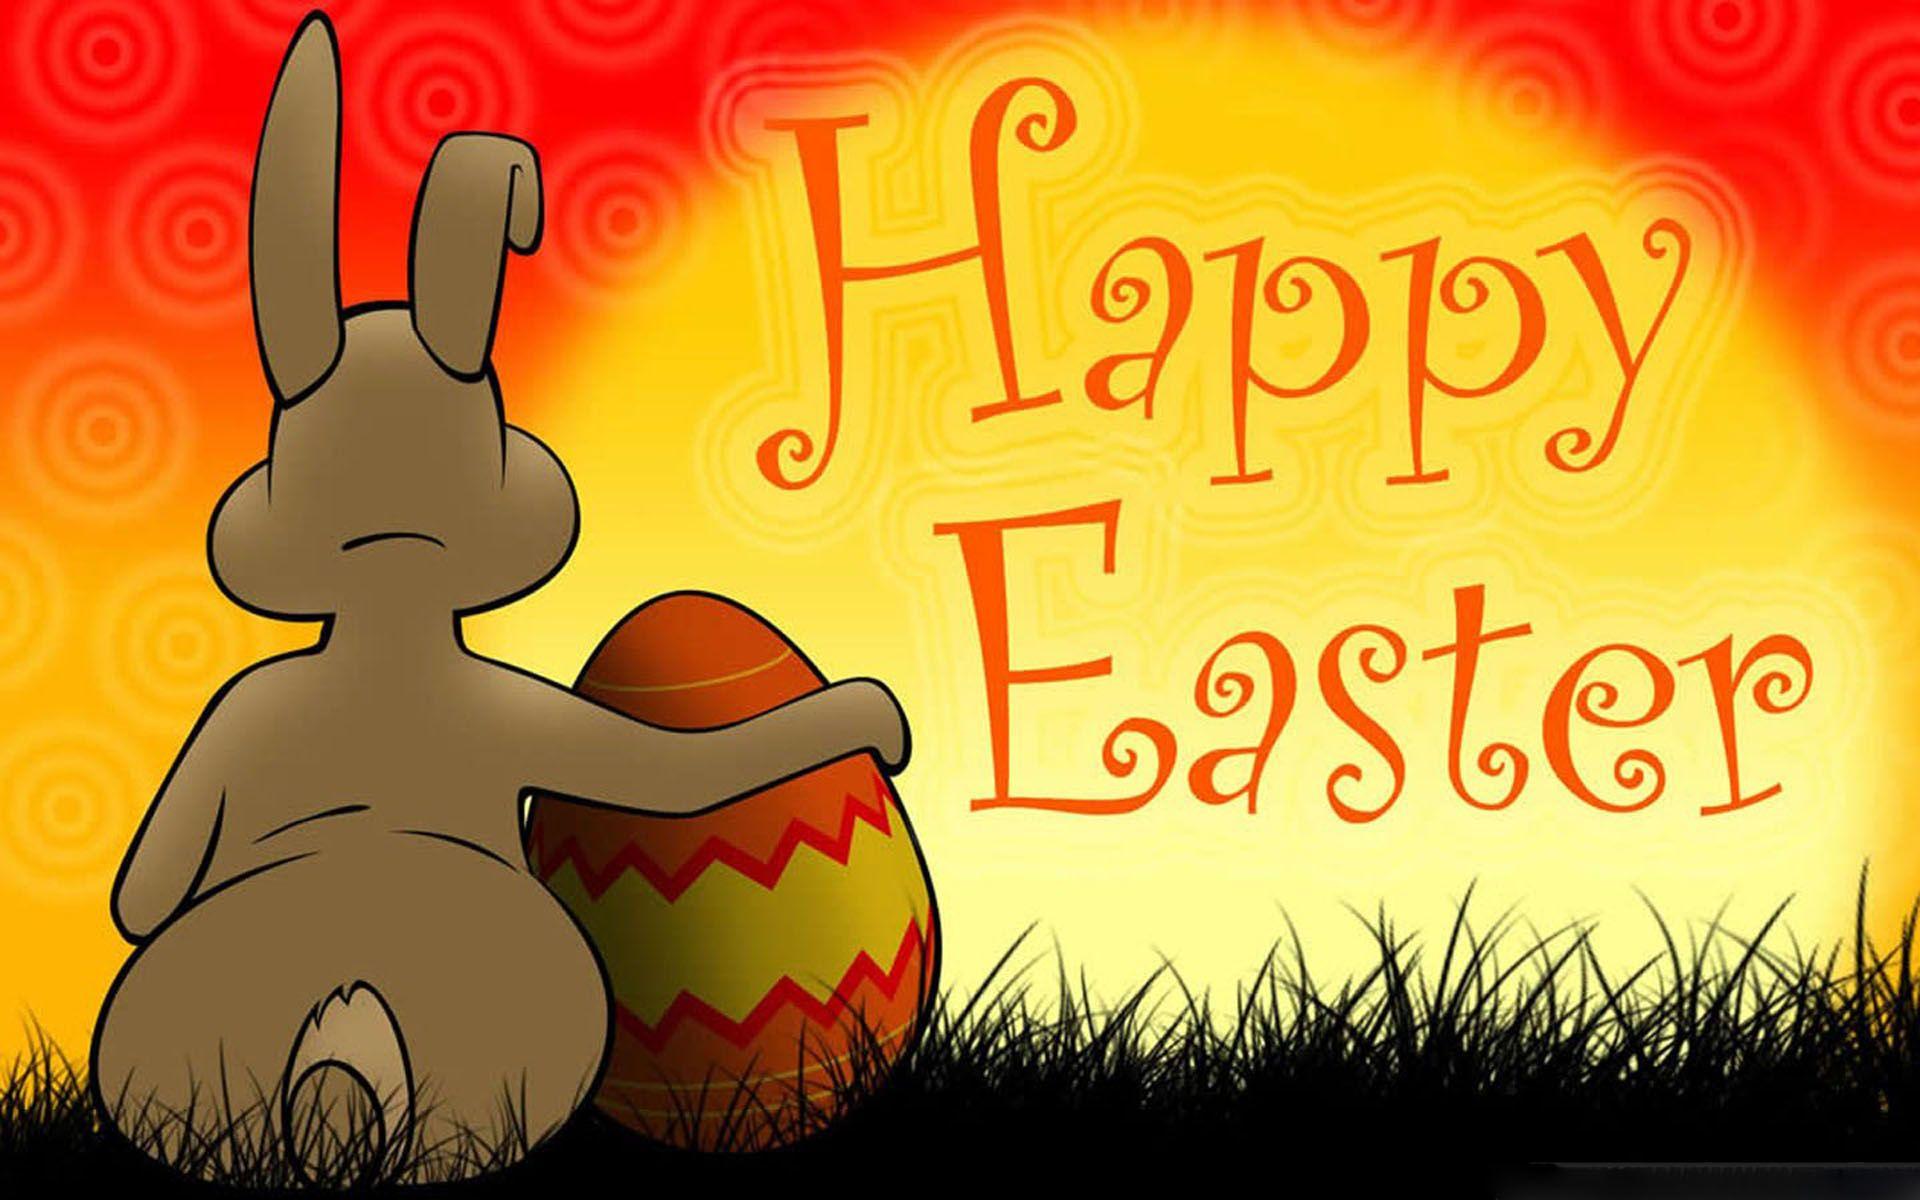 Happy Easter Bunny Hug Egg Wallpapers 1920x1200